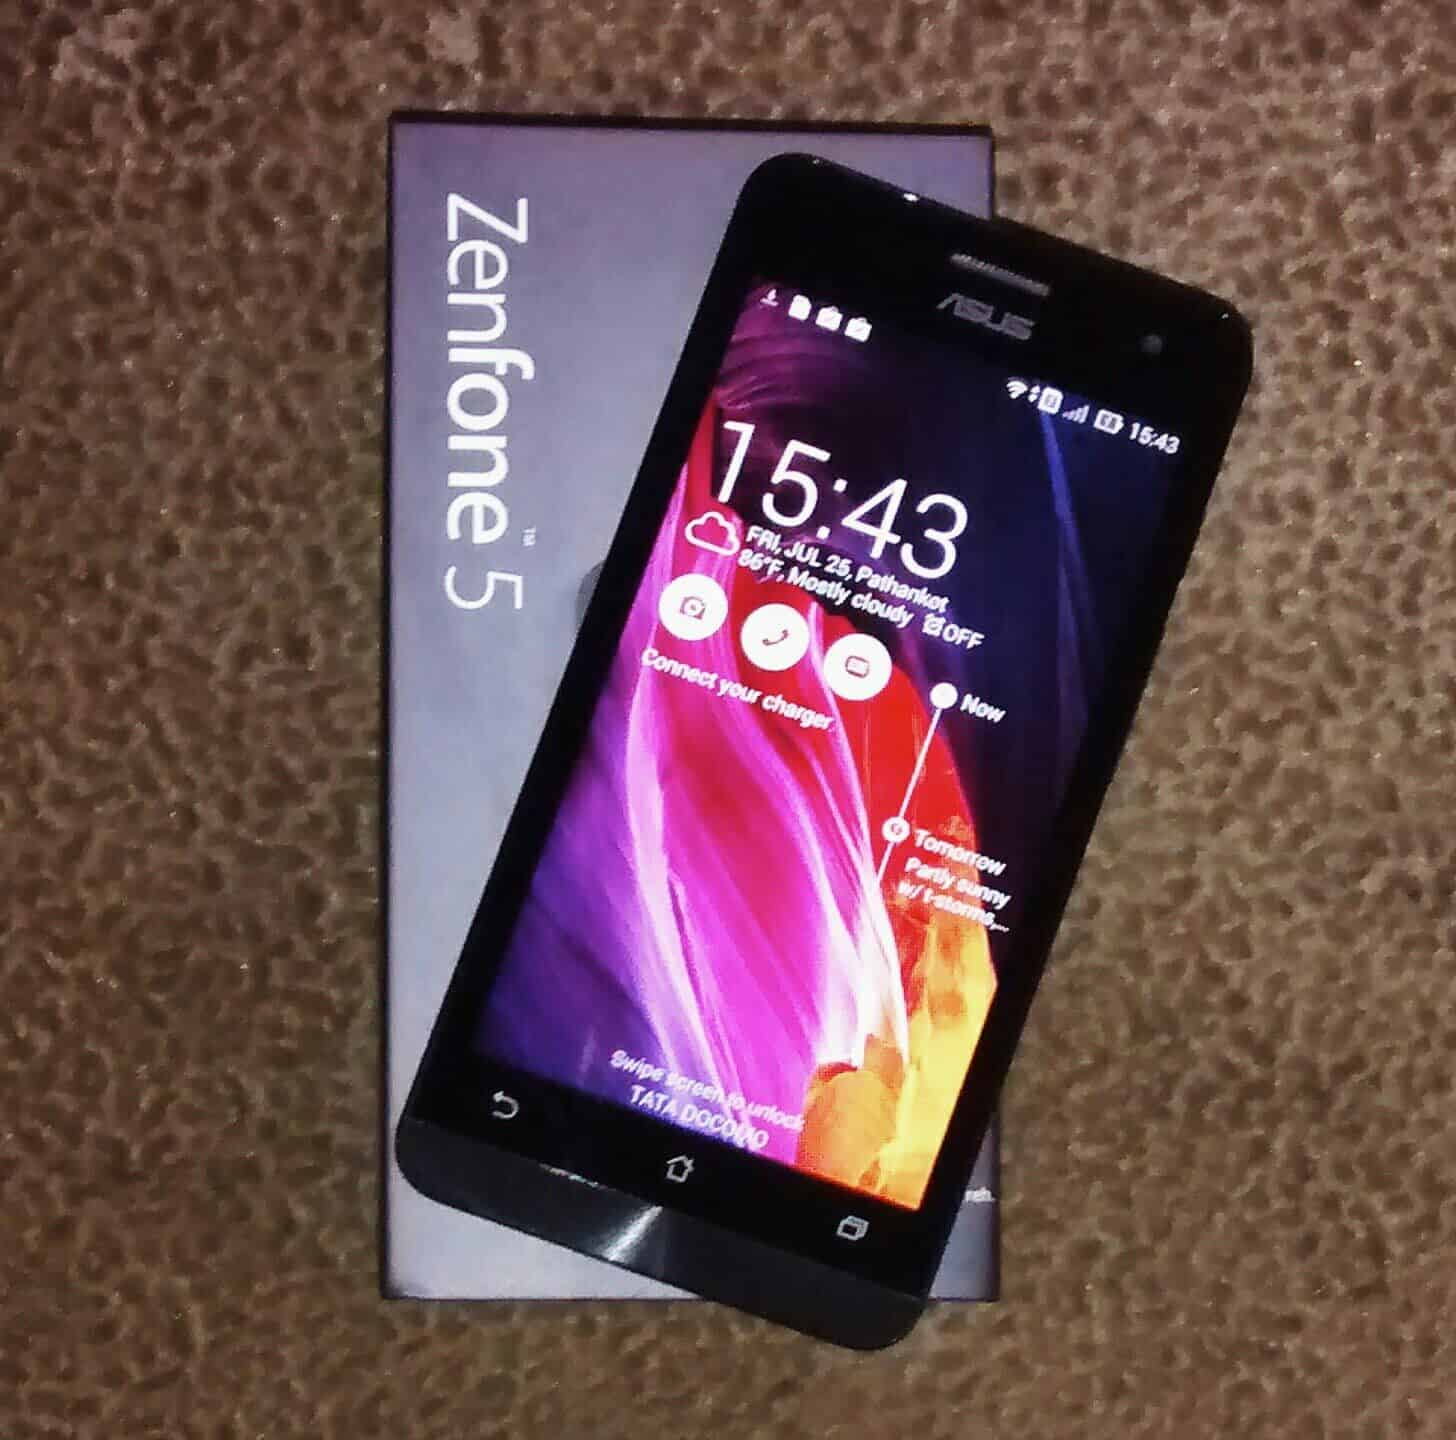 Download Zenfone 5 a501 firmware upgrade